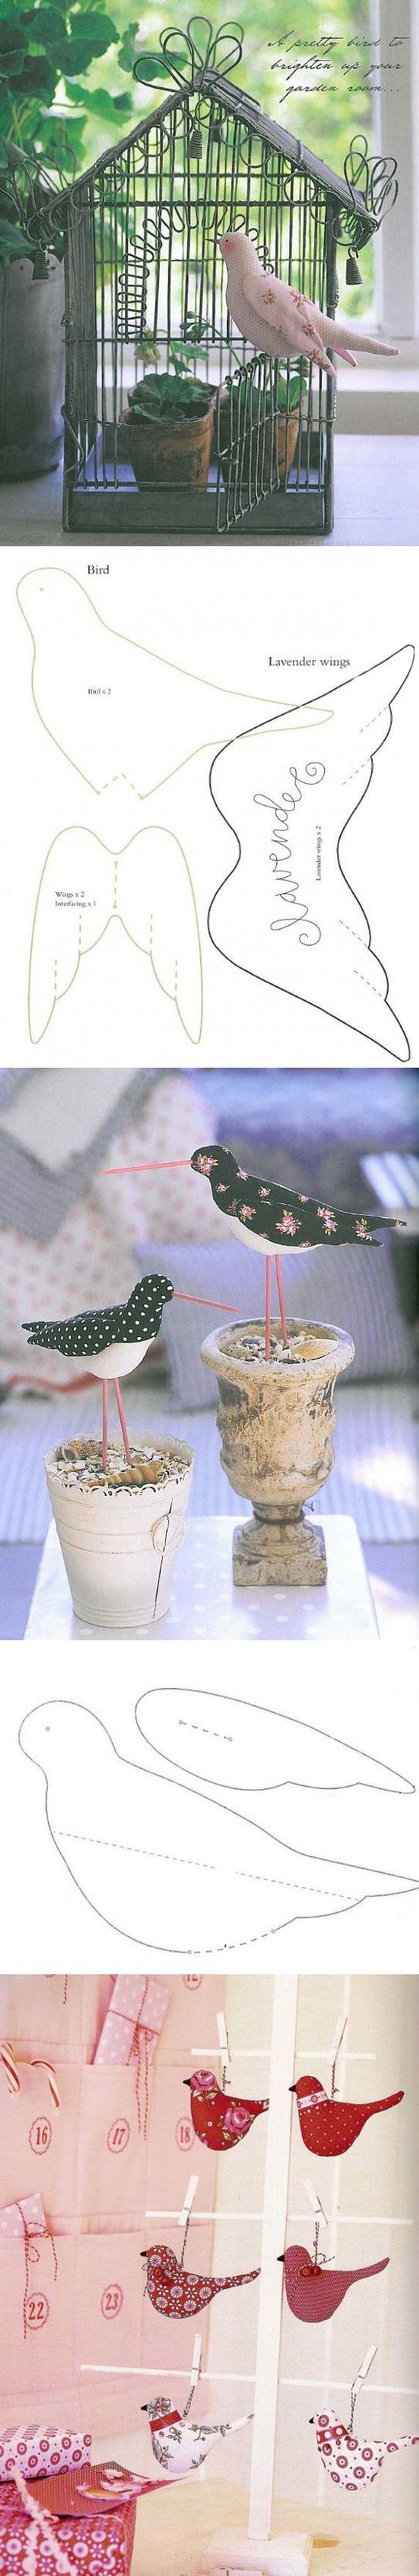 Птичка тильда выкройка. Птицы: попугай, тупик, маленькая птичка и певчая птичка.   тильда мастер (тильдамастер)